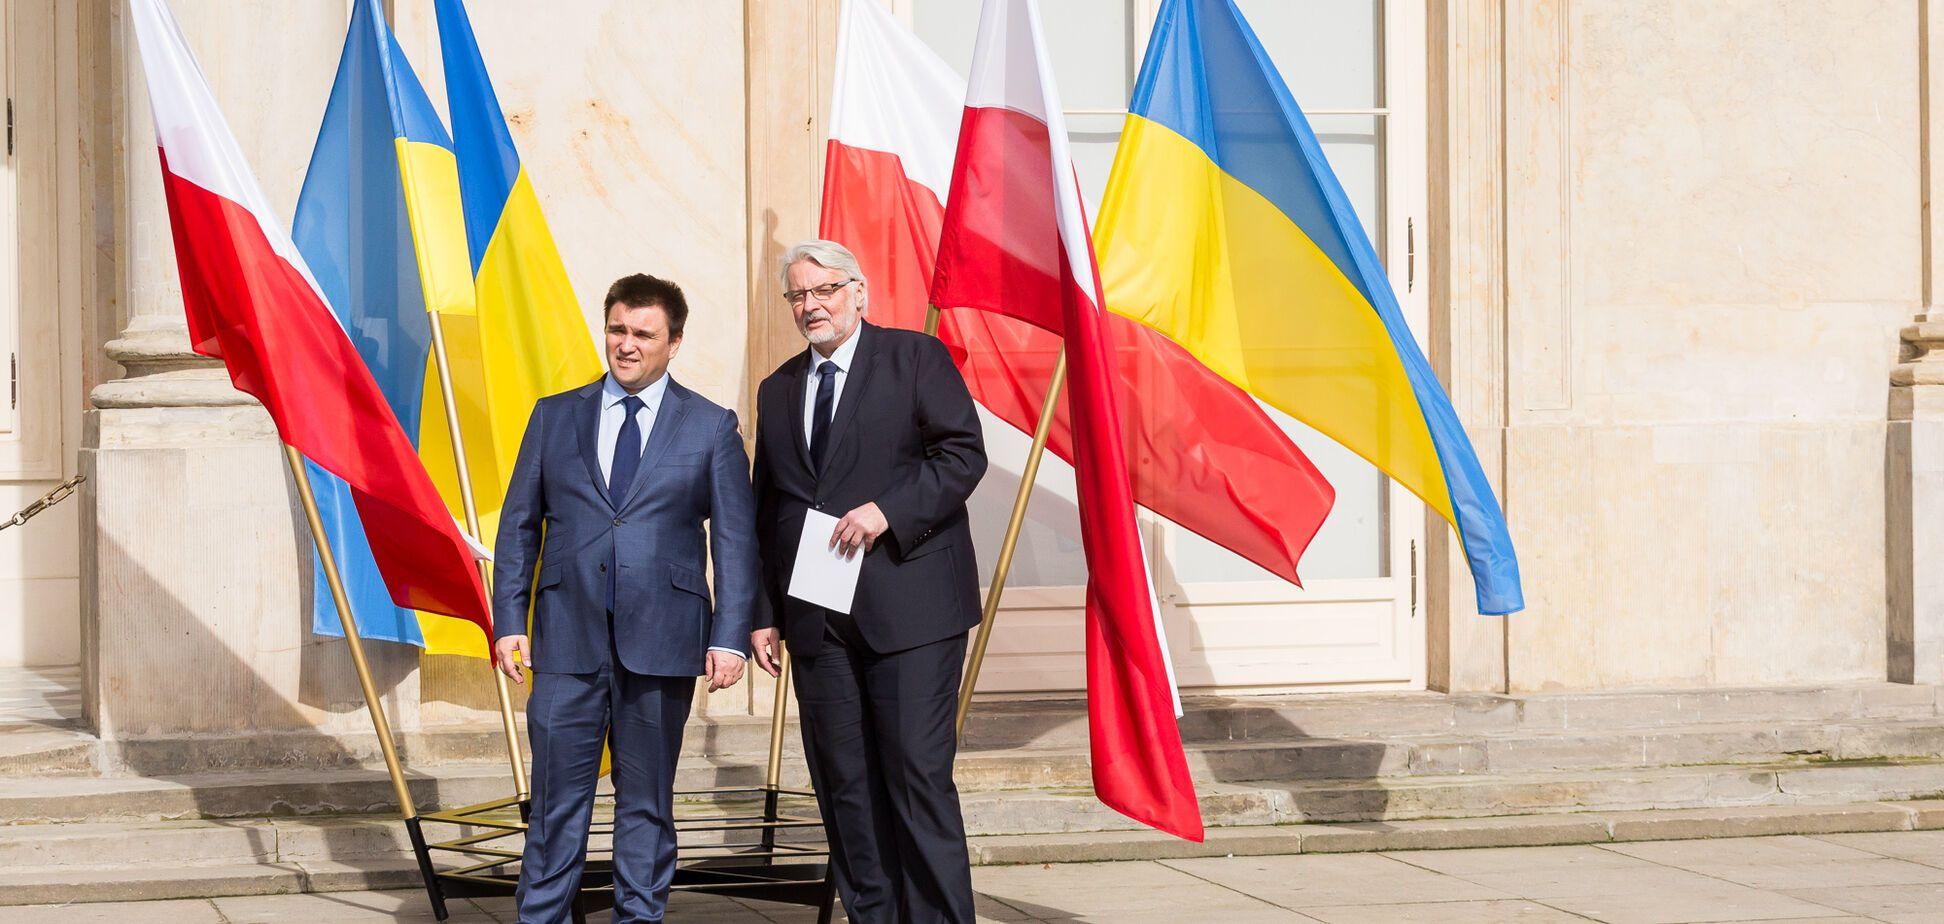 Новый скандал Украины с Польшей: дипломат назвал главную причину